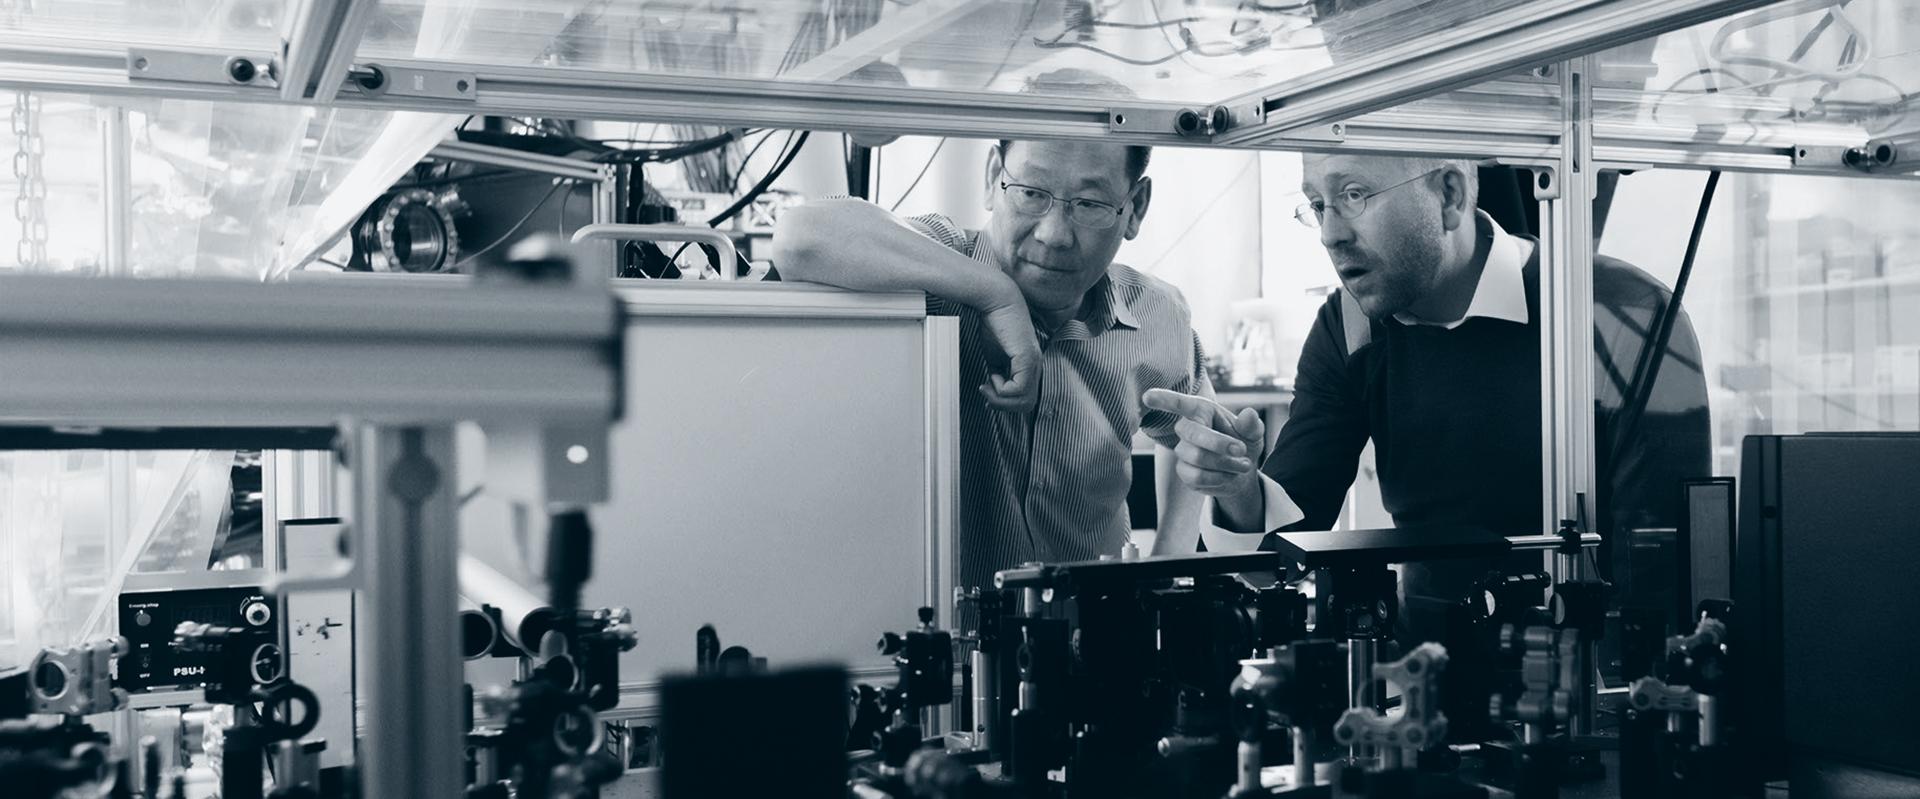 To menn ser på maskiner og koblinger.